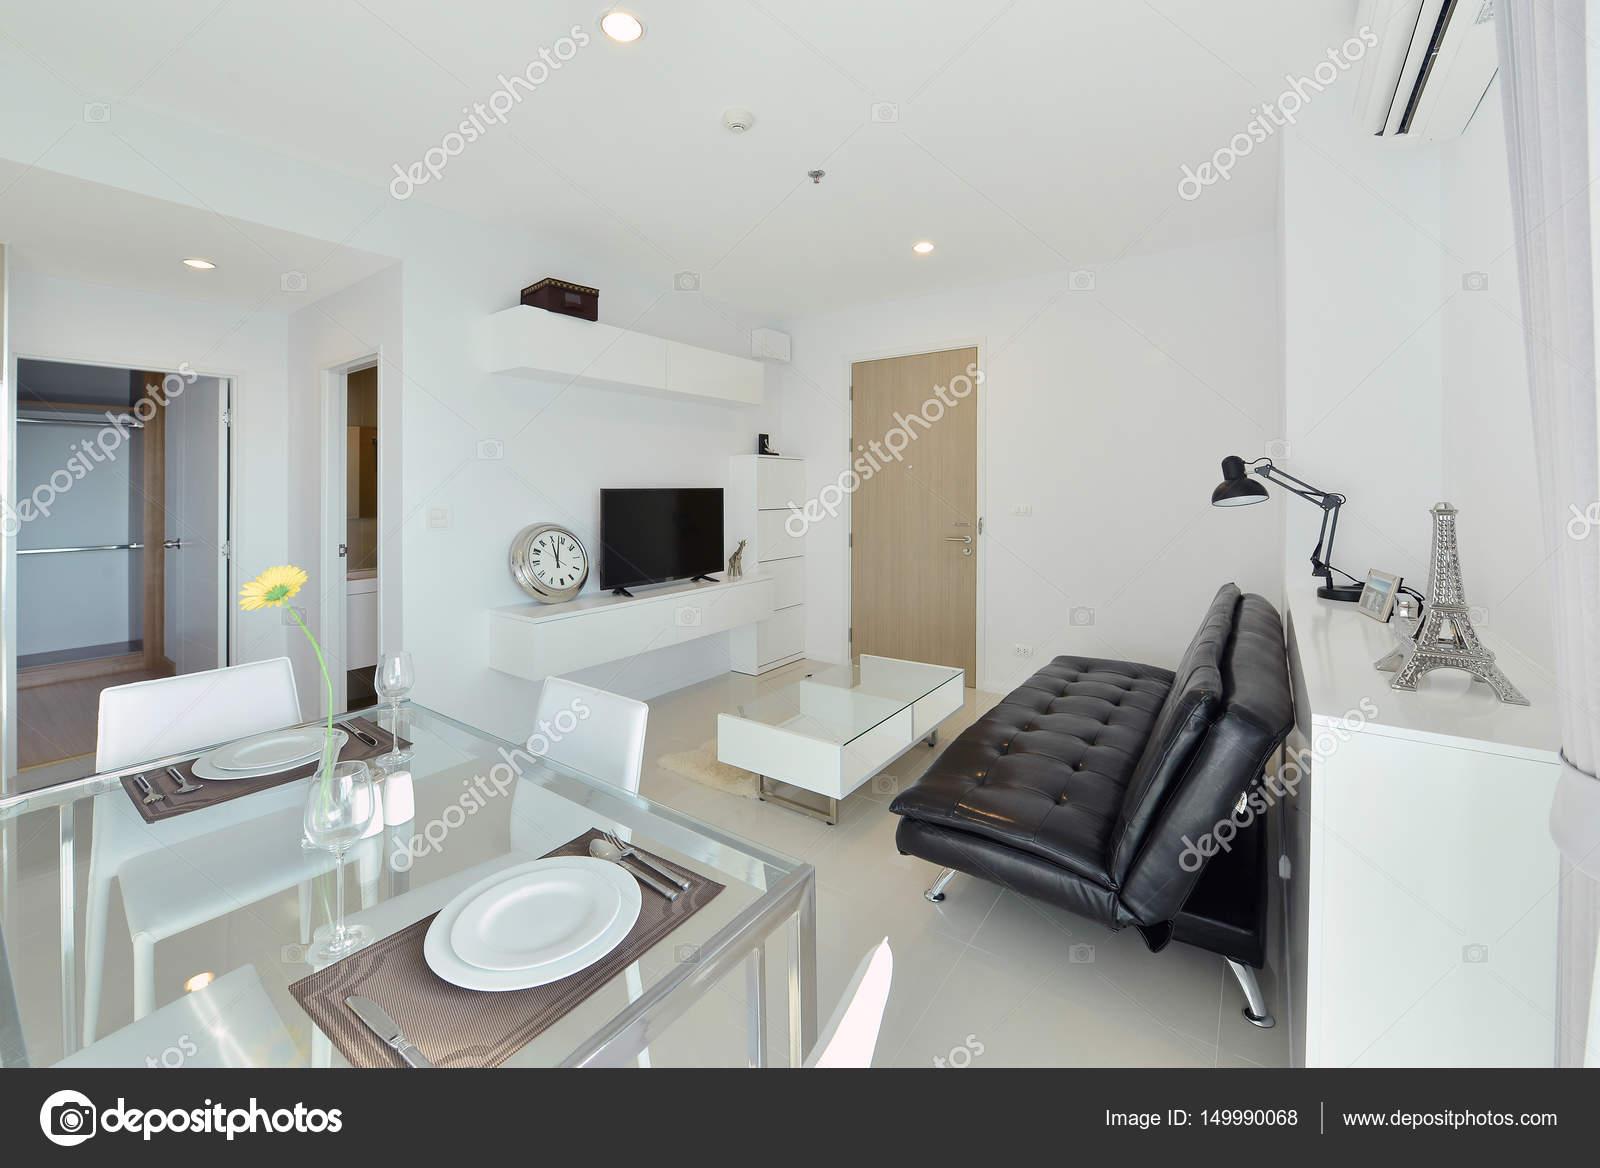 Weiße Luxus Modernes Wohnen Interieur Und Dekoration Interieur Des